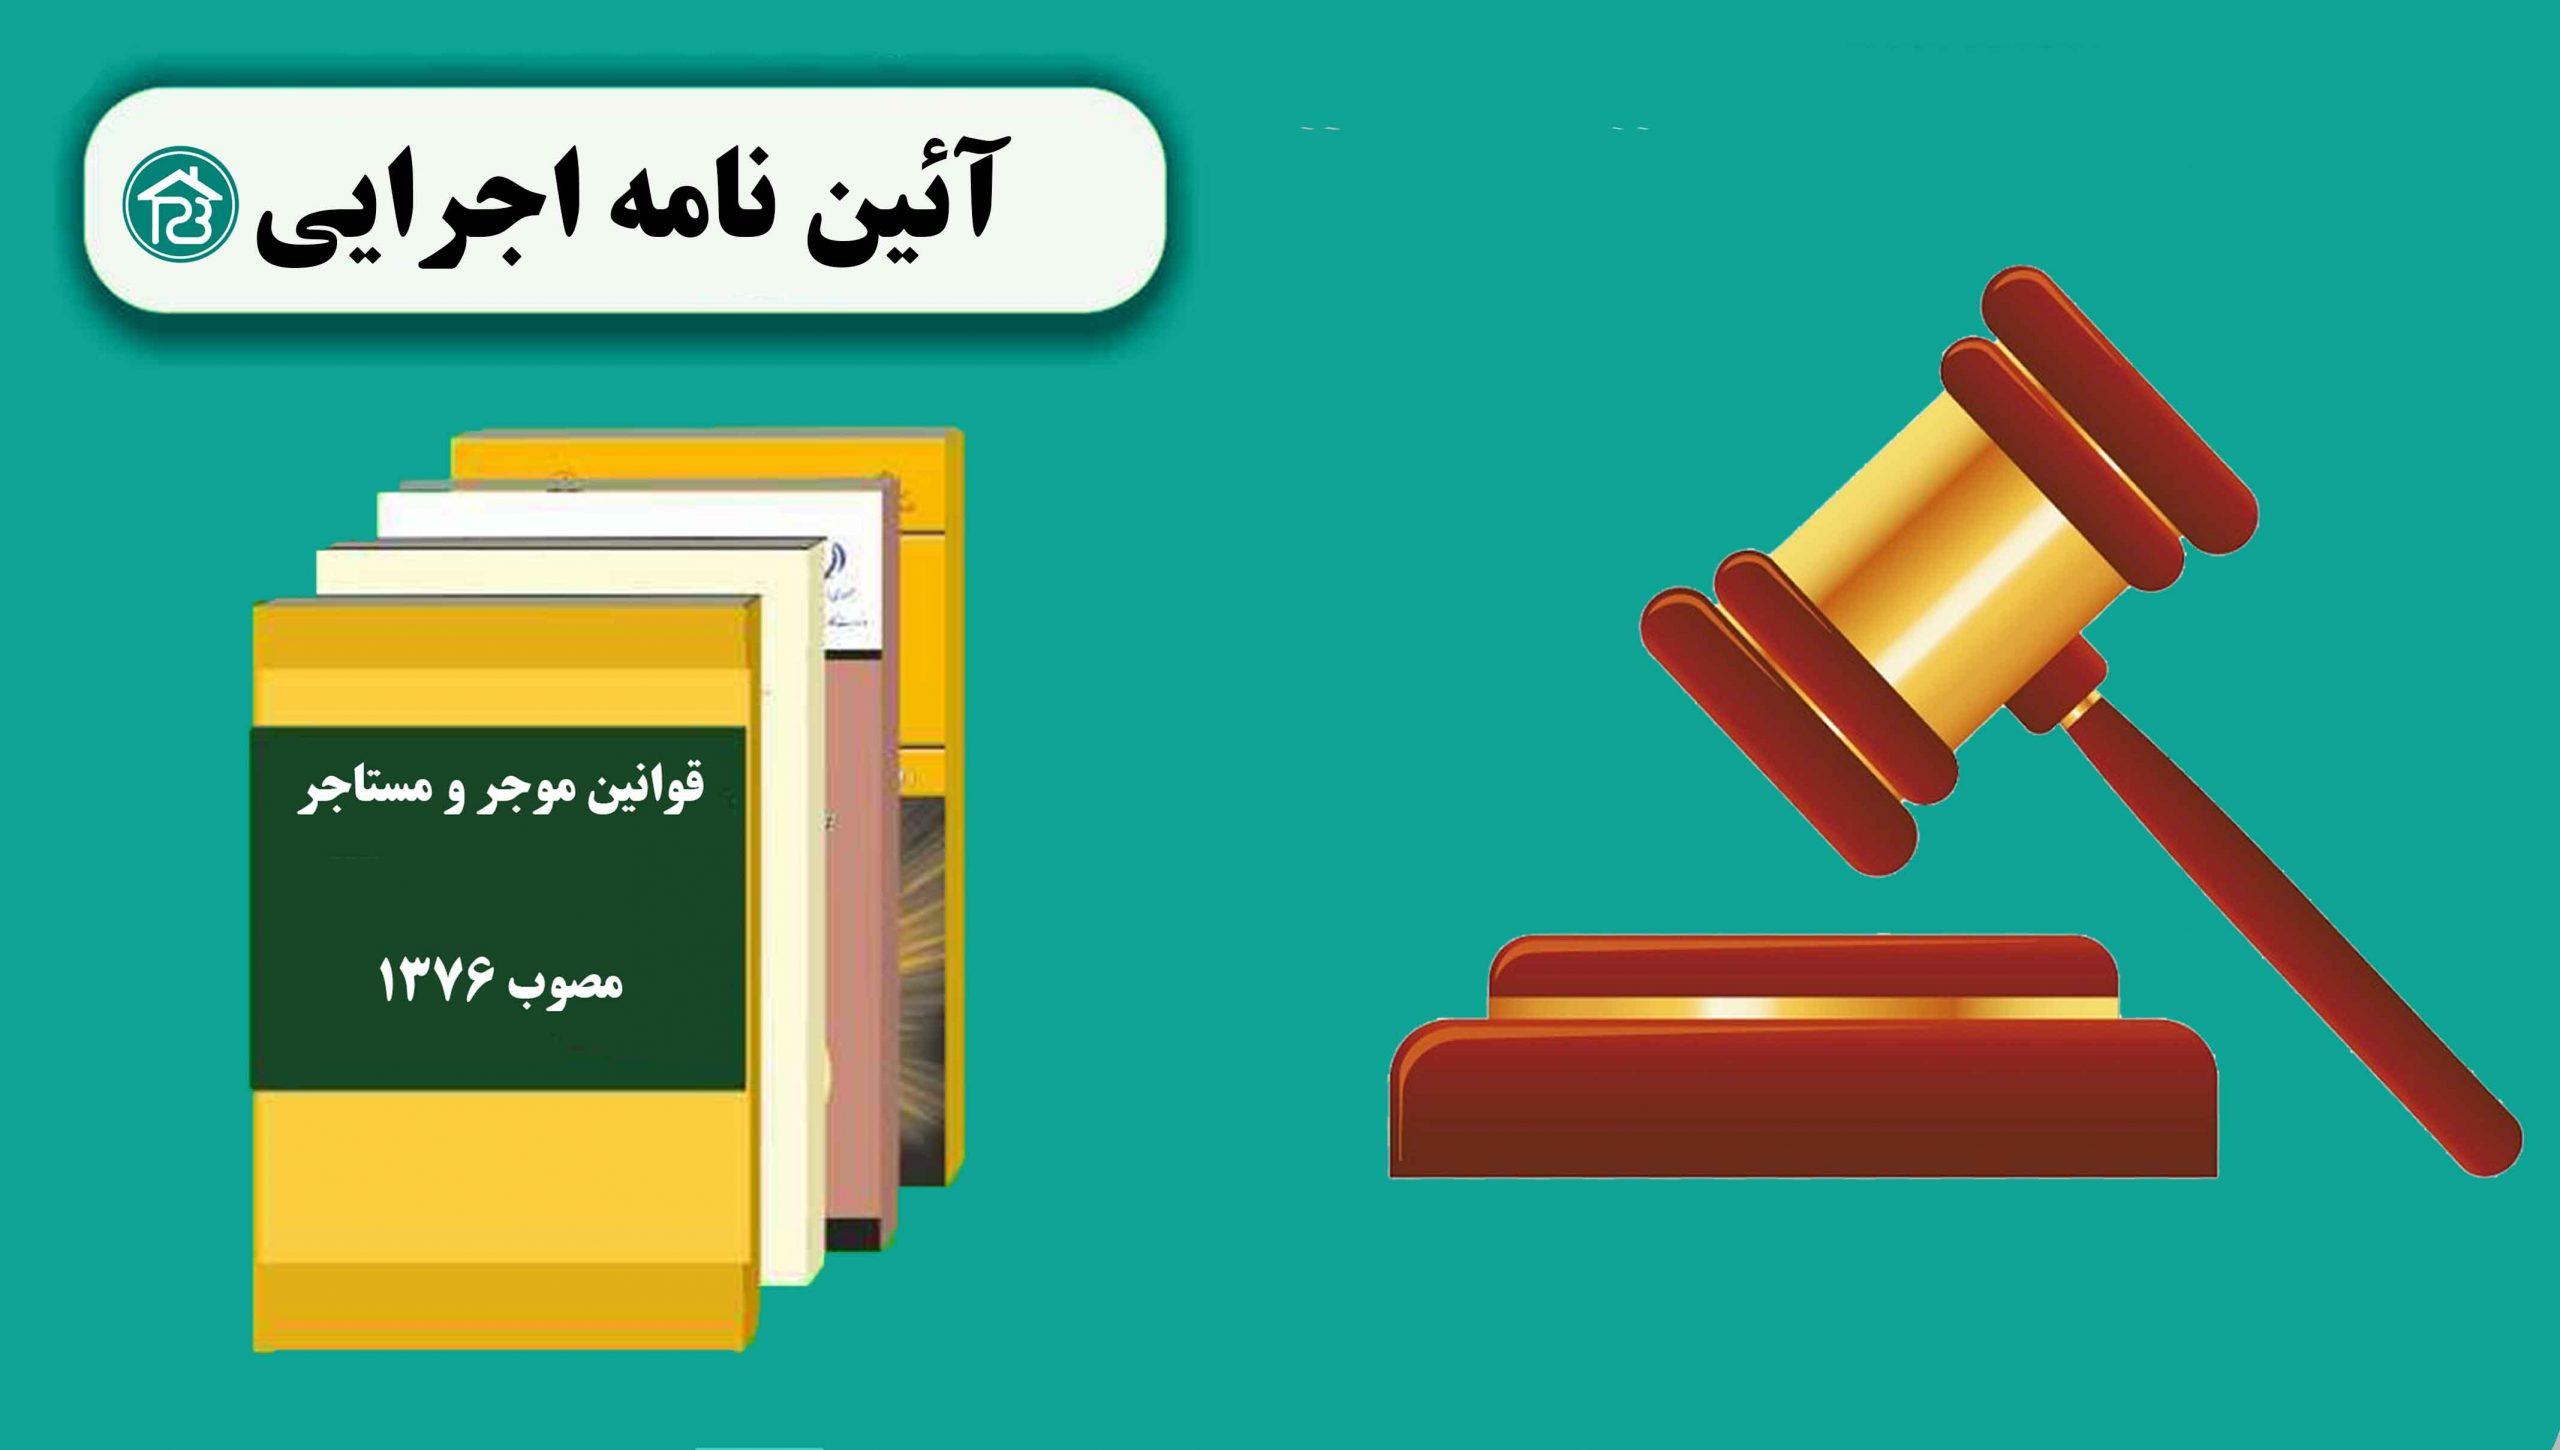 آیین نامه اجرایی قانون روابط موجر و مستأجر مصوب ۱۹ اردیبهشت ۱۳۷۸